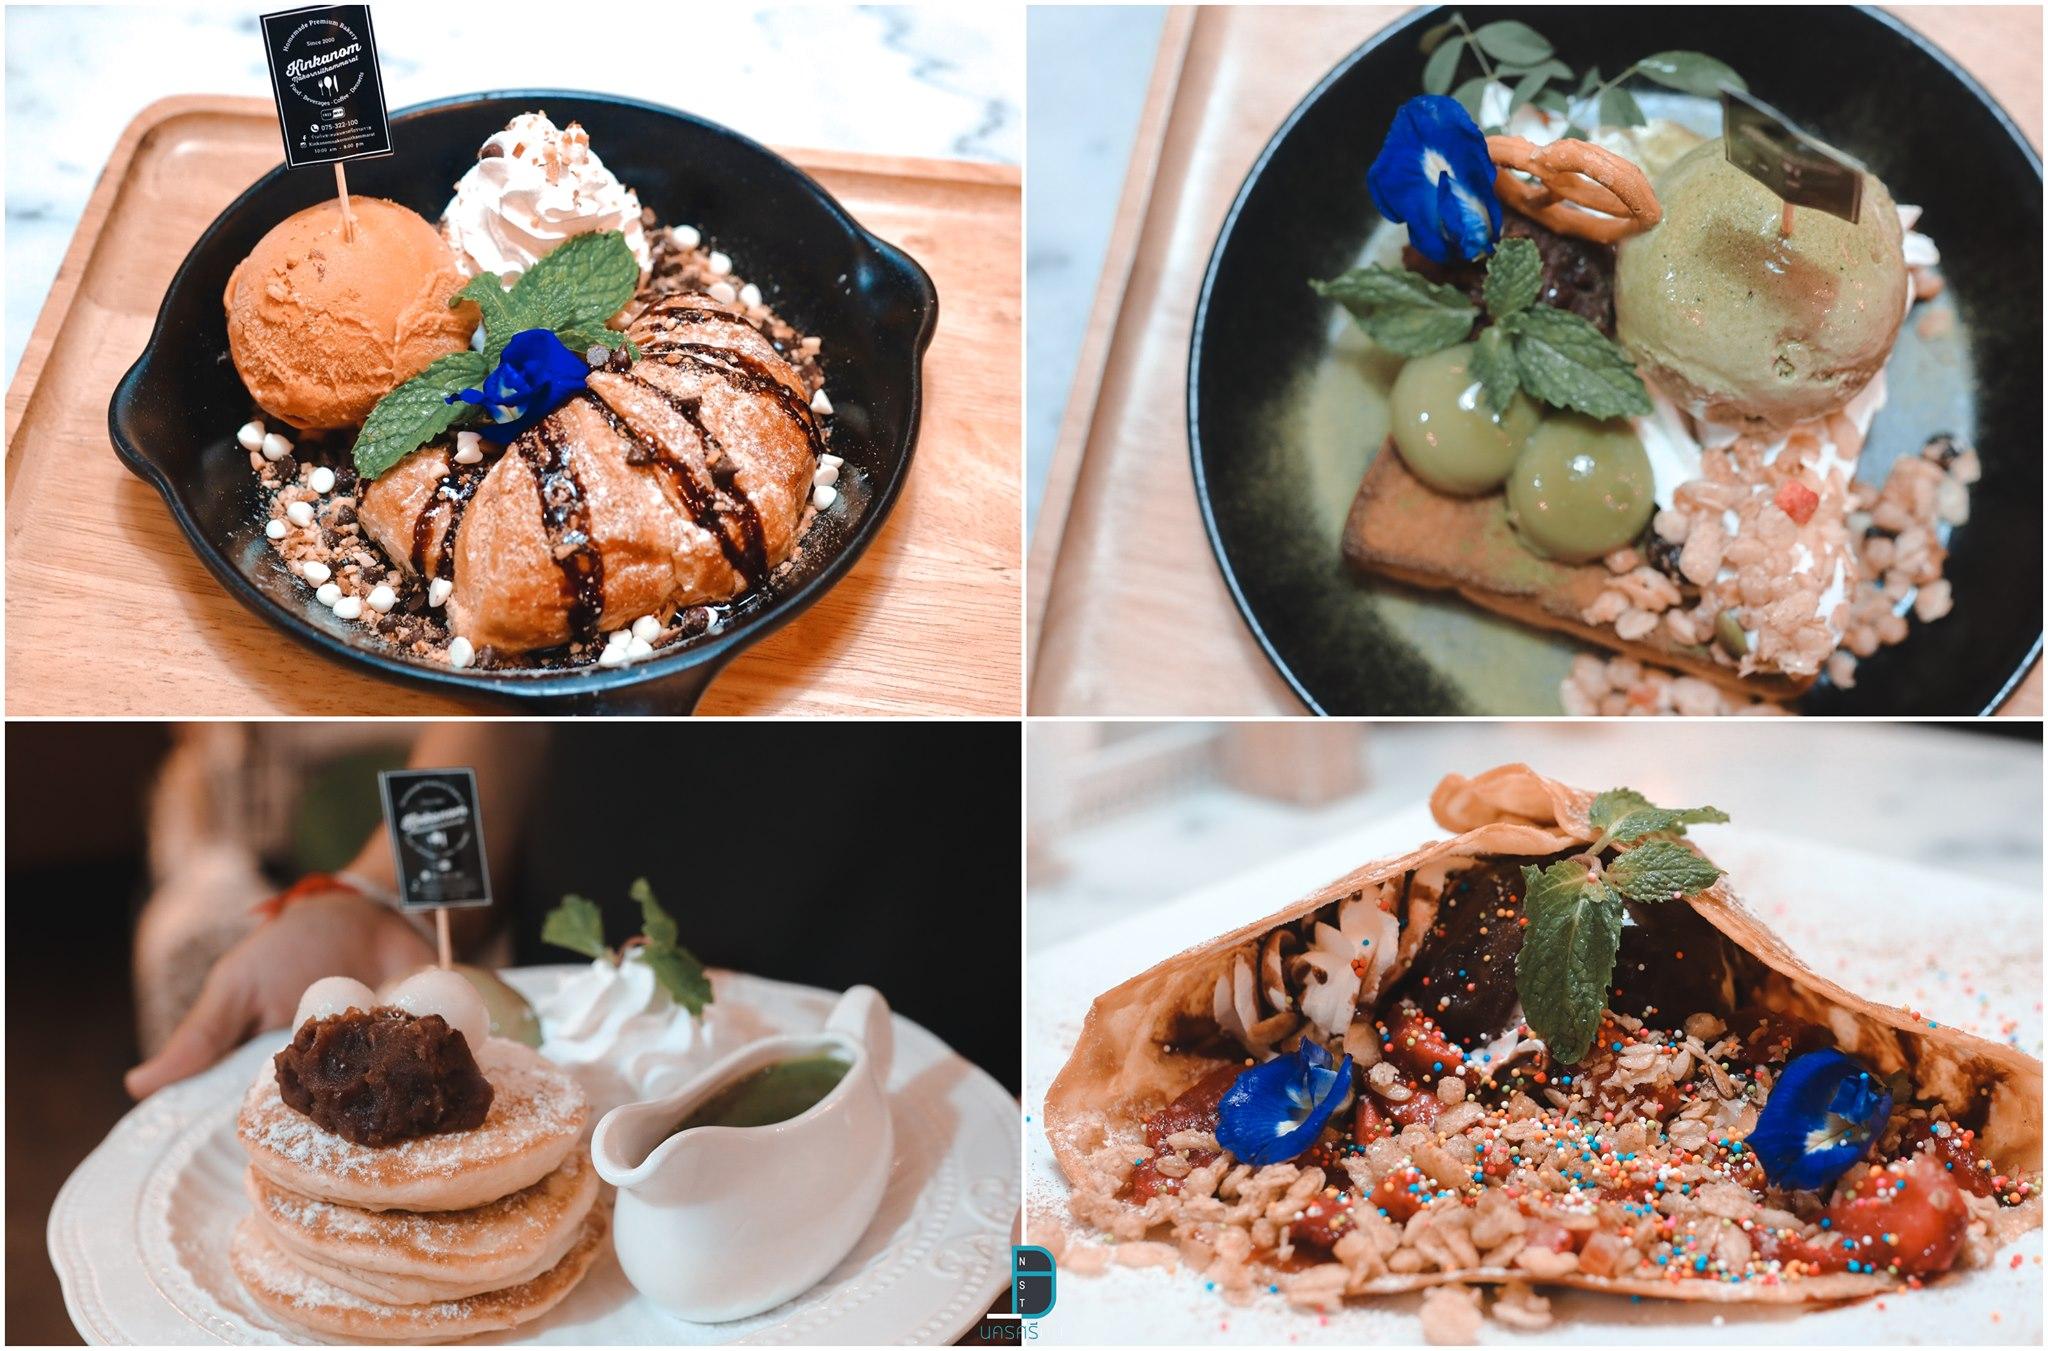 5.-กินขะหนม-นครศรีธรรมราช คลิกที่นี่ คาเฟ่,Cafe,นครศรีธรรมราช,2021,2564,ของกิน,จุดเช็คอิน,จุดถ่ายรูป